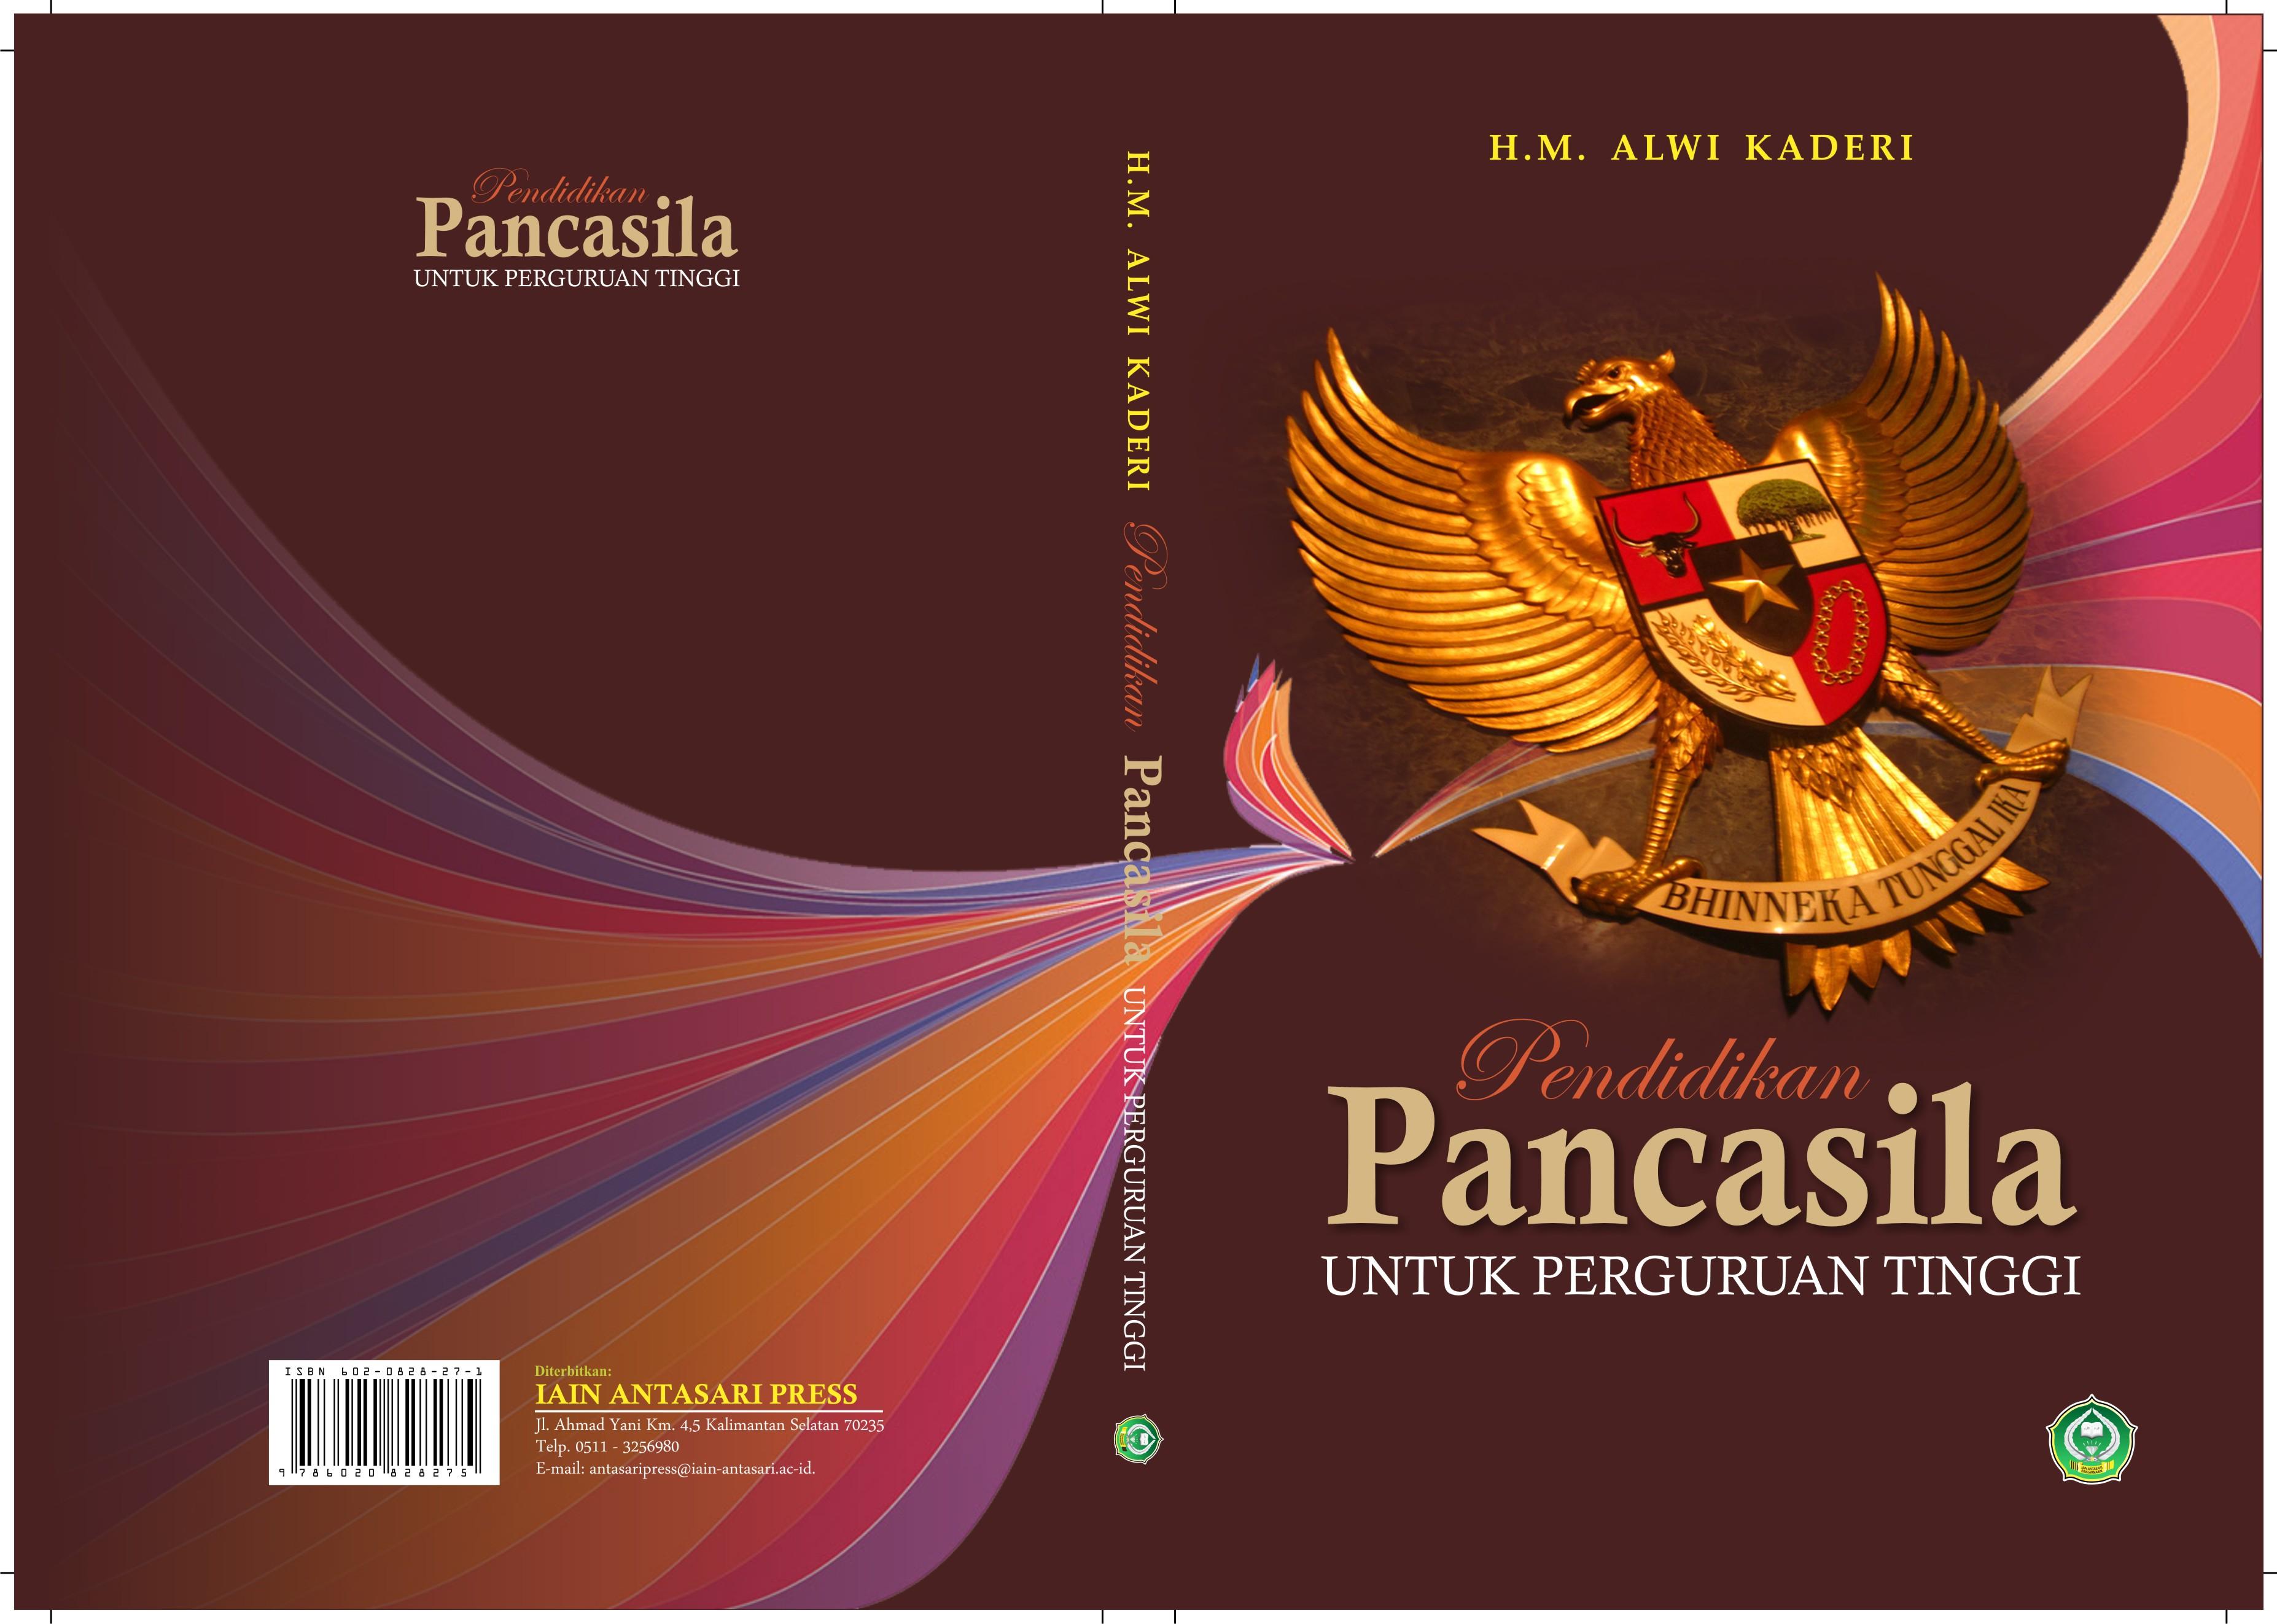 Buku Pendidikan Pancasila Kaelan.pdf sascvee Pendidikan%20Pancasila%20untuk%20Perguruan%20Tinggi